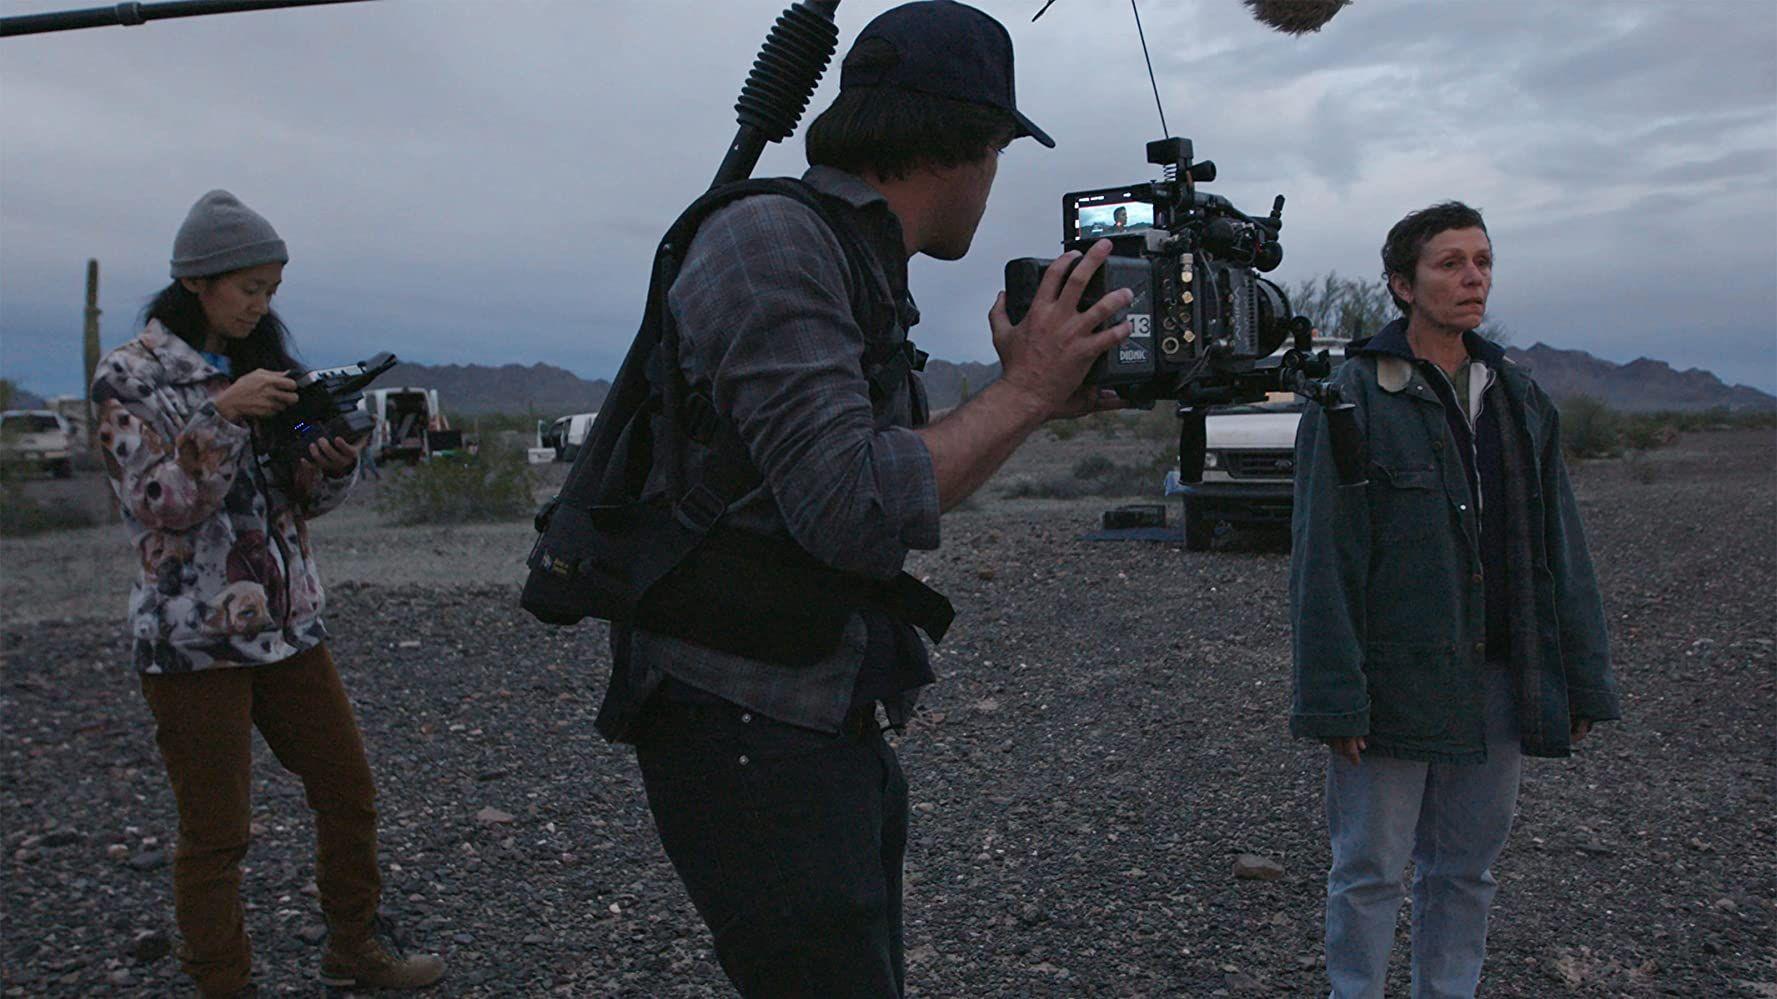 Tout Ce Qu Il Faut Savoir Sur Nomadland Le Film Dont Tout Le Monde Parle En 2020 Film Le Monde Festival